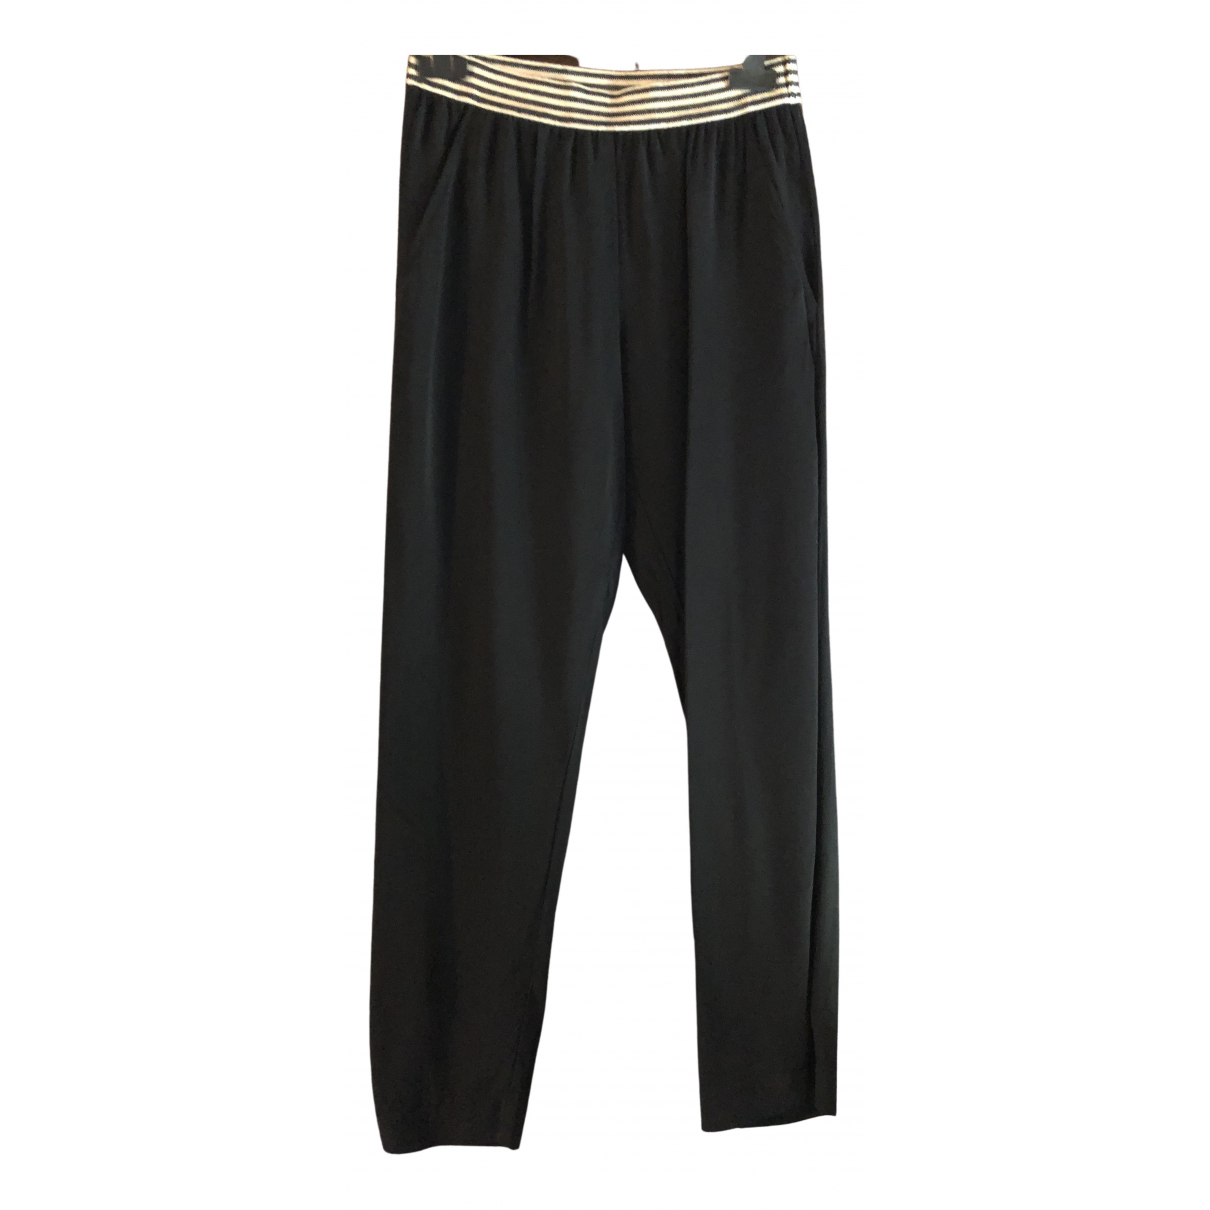 Jucca \N Black Trousers for Women 38 IT